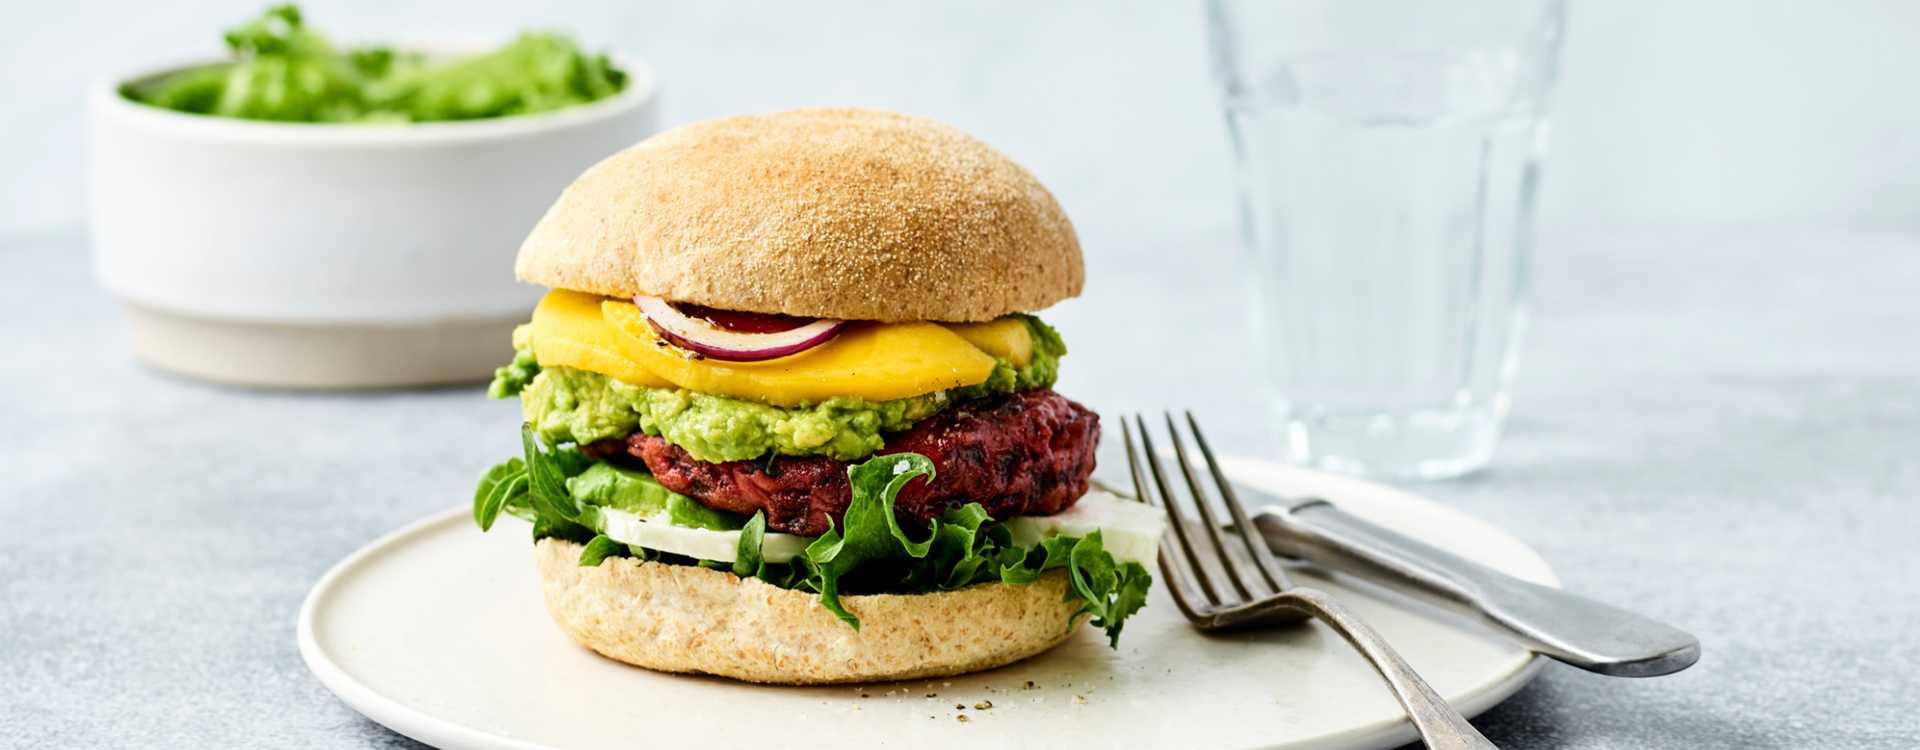 Rødbetburger med avocadorøre og mango